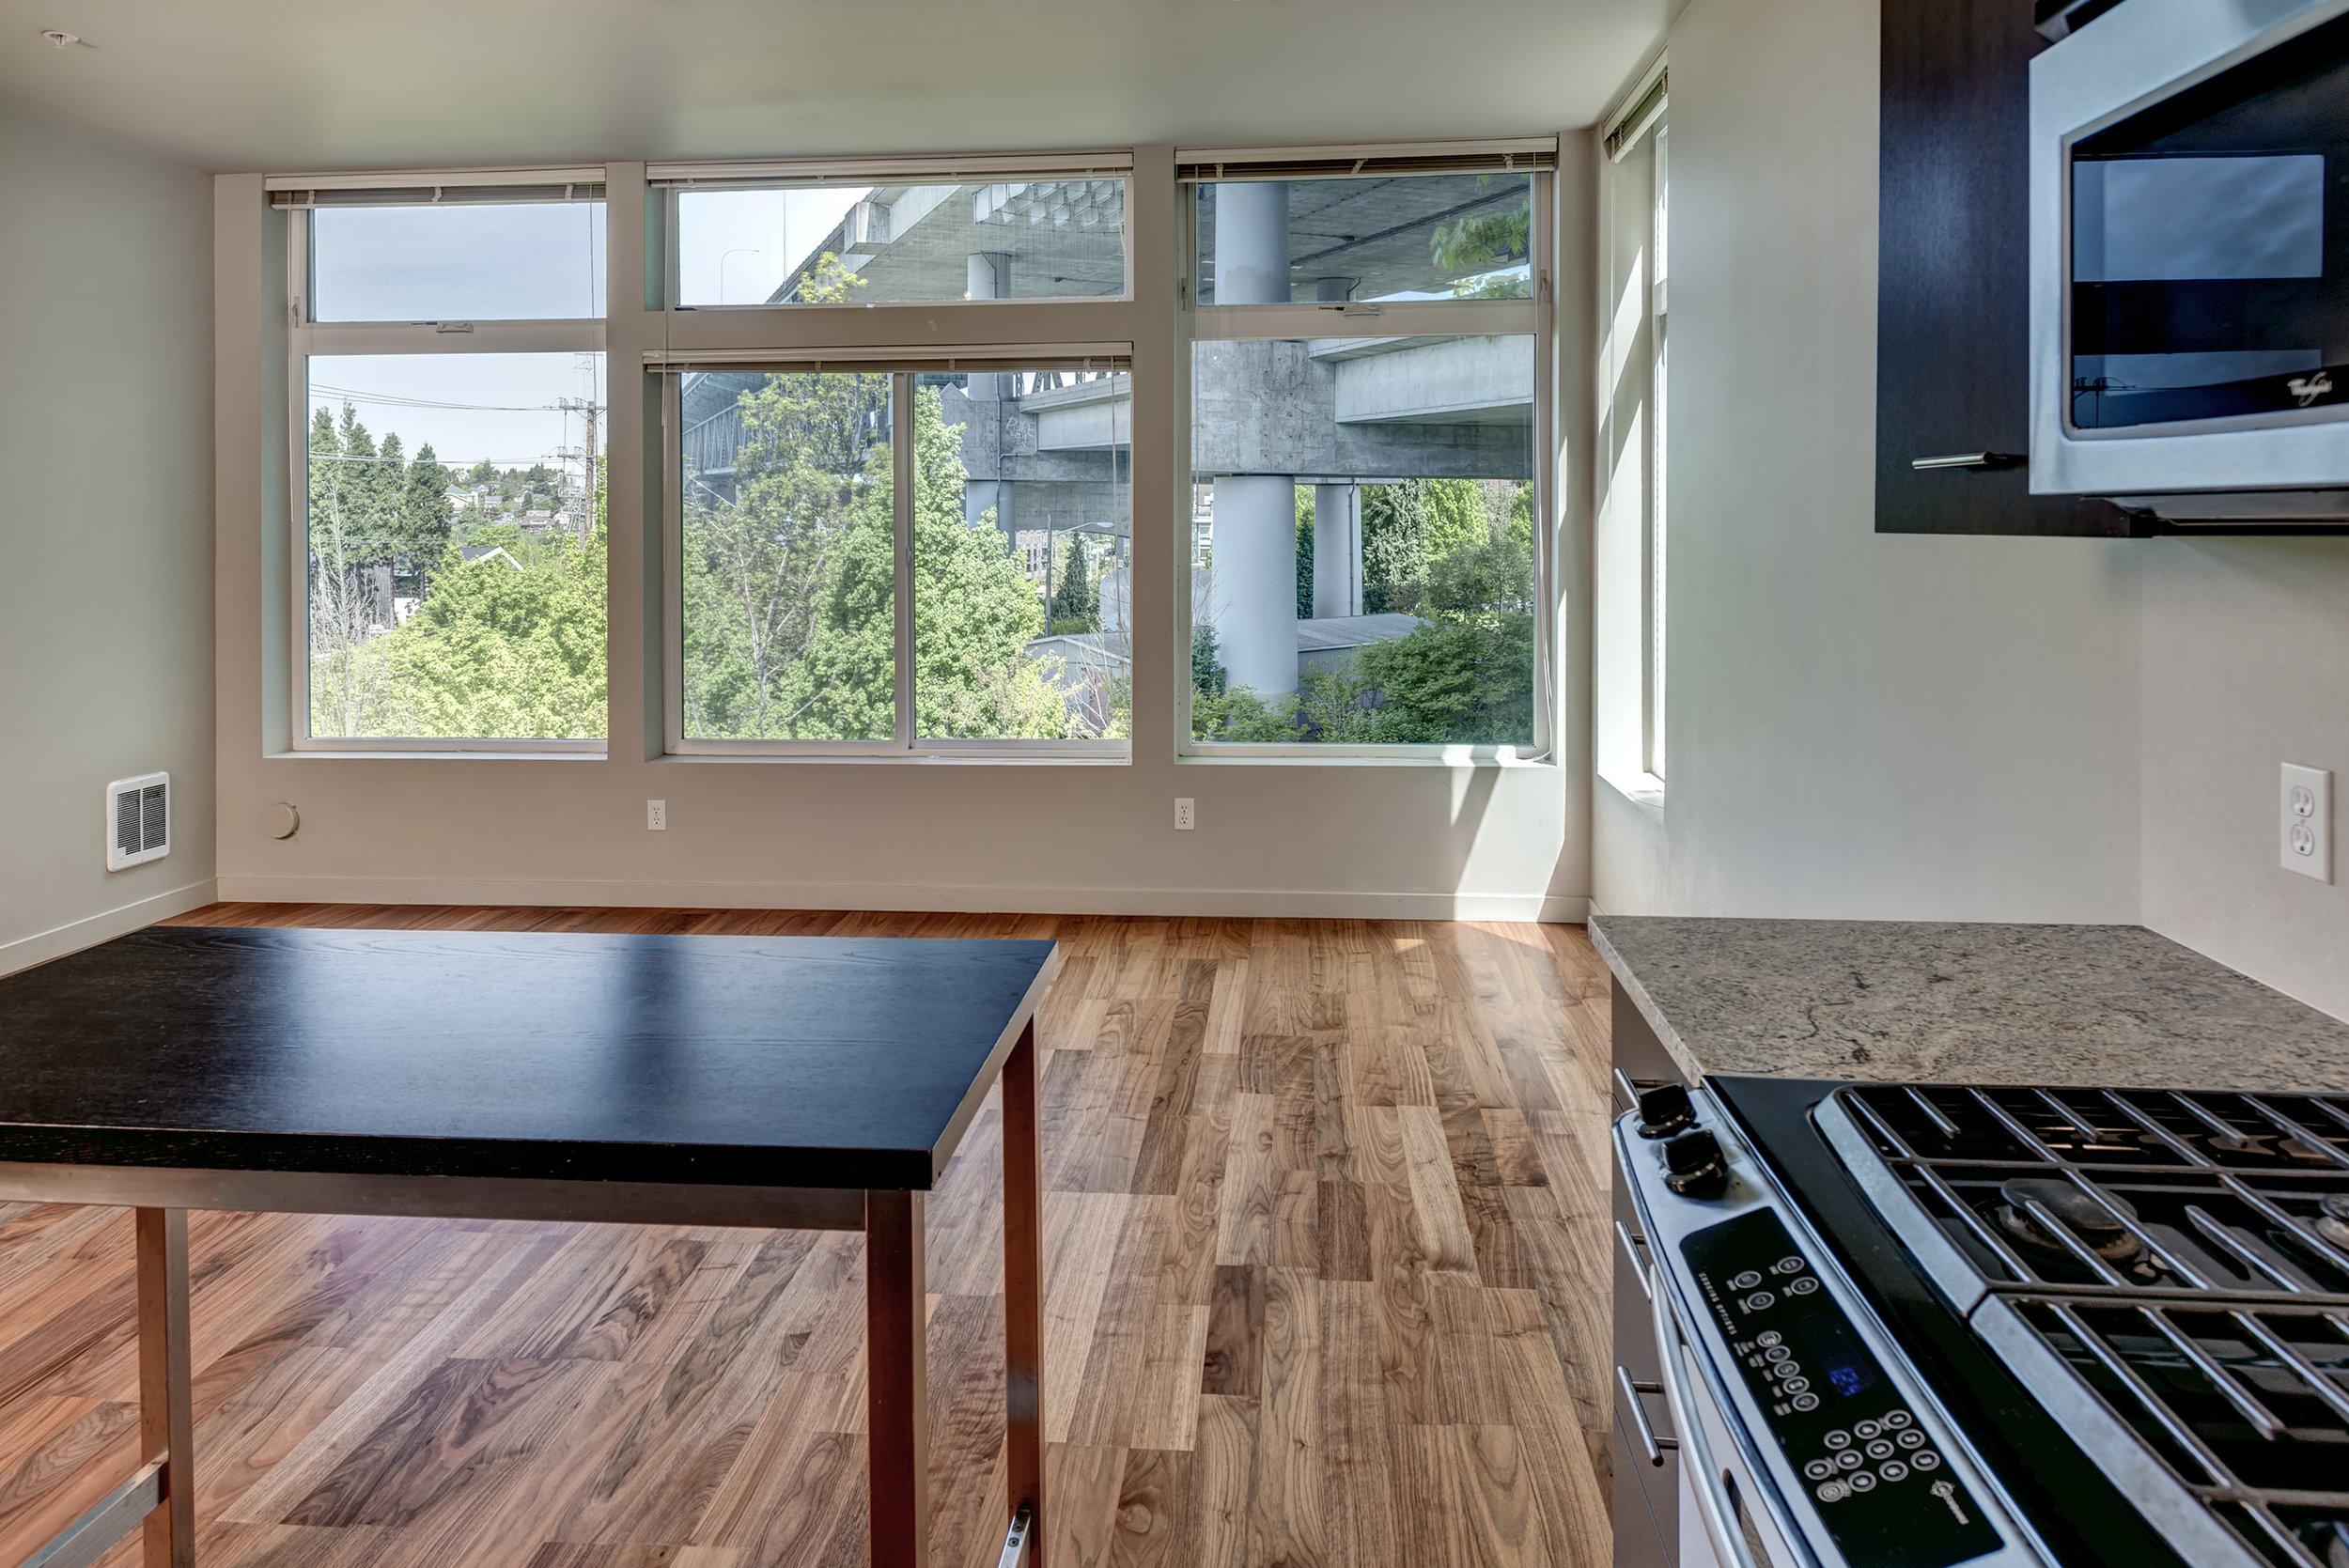 09-Kitchen01.jpg